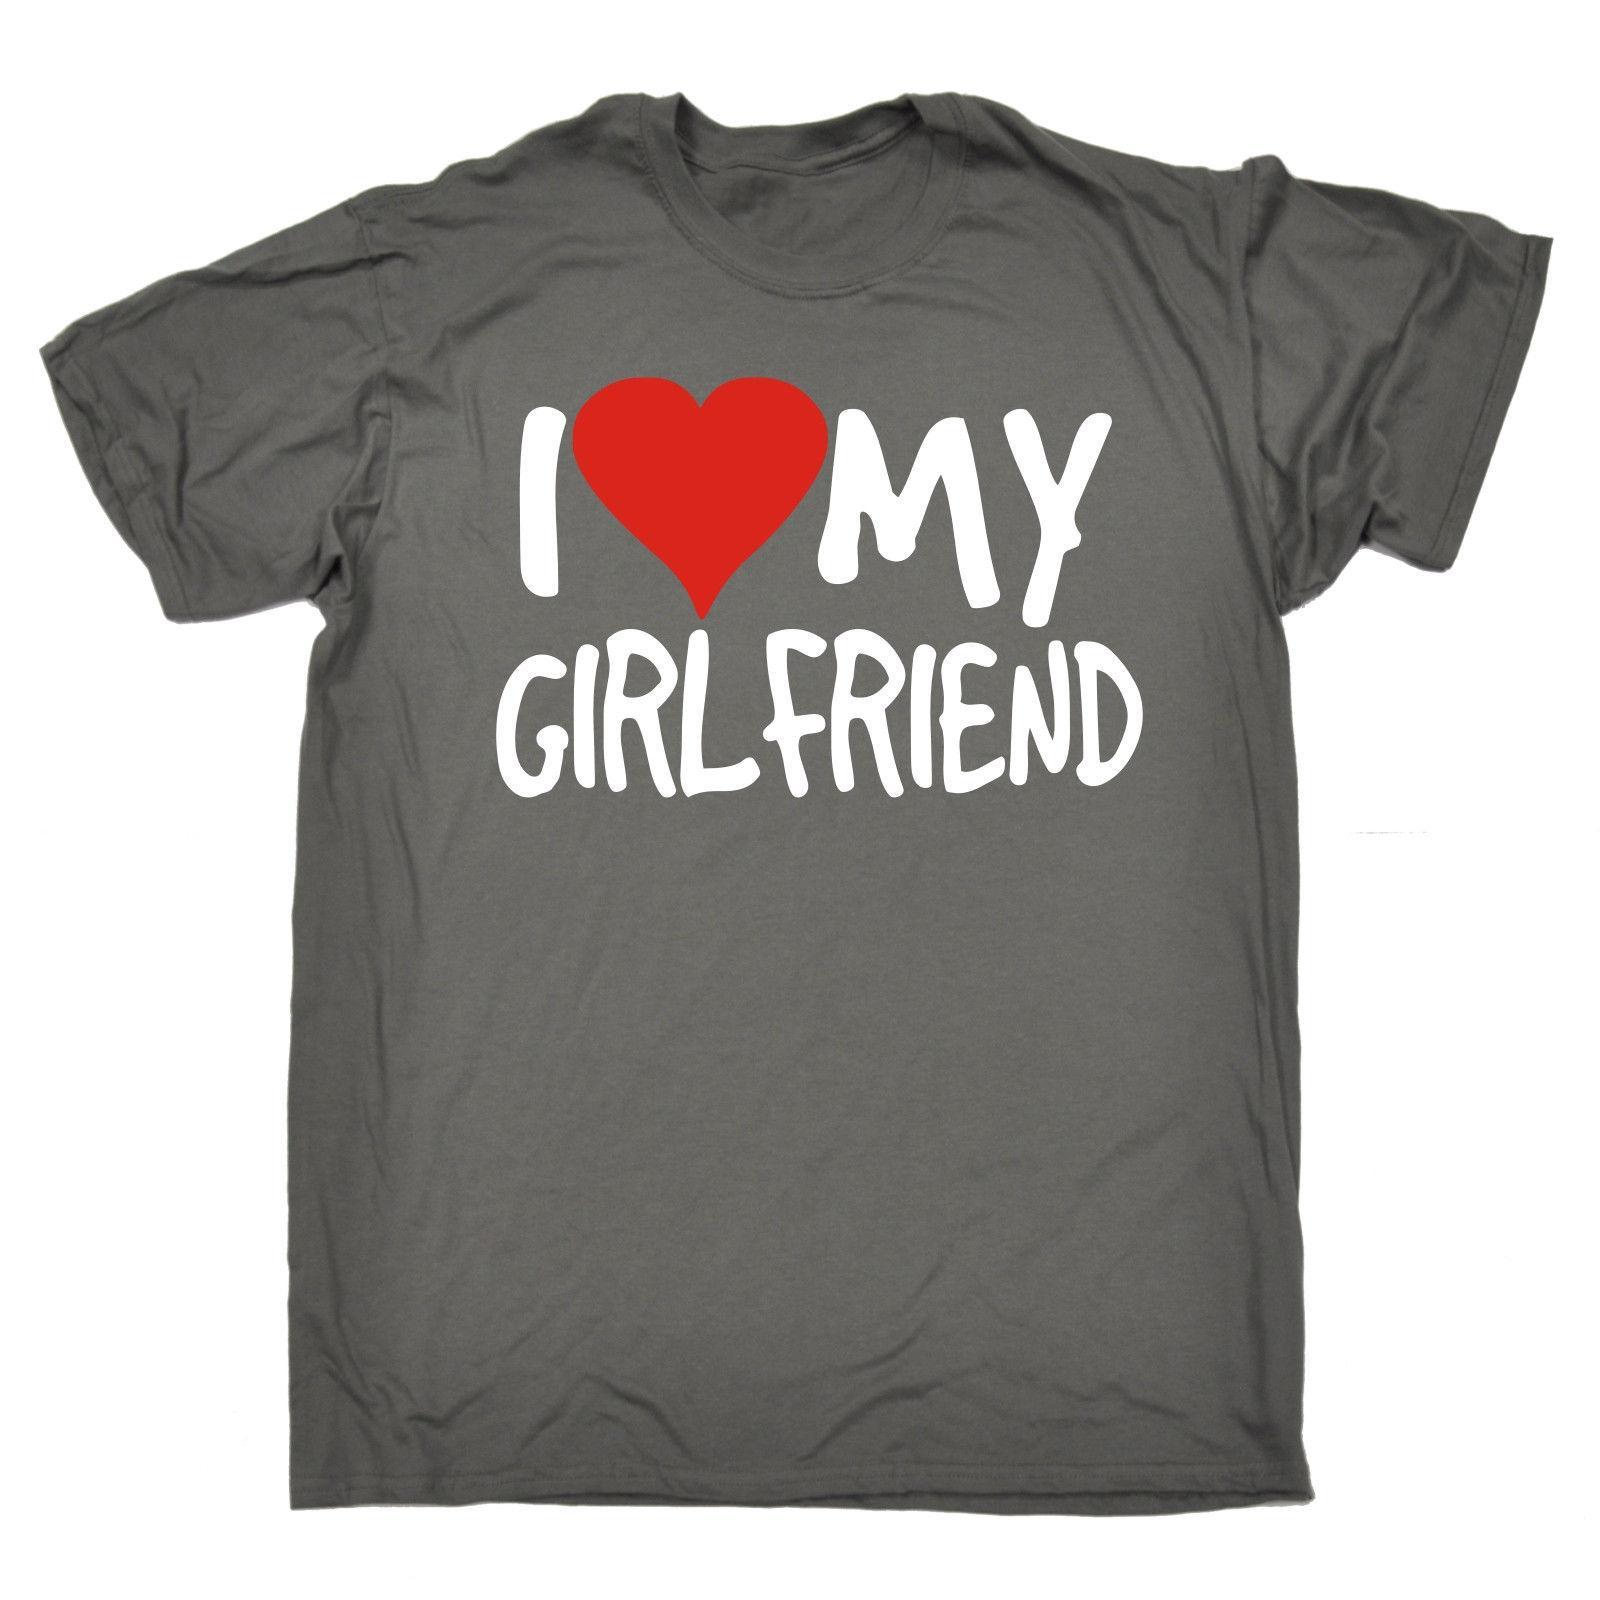 Grosshandel Ich Liebe Meine Freundin Mens T Shirt Geburtstag Mode